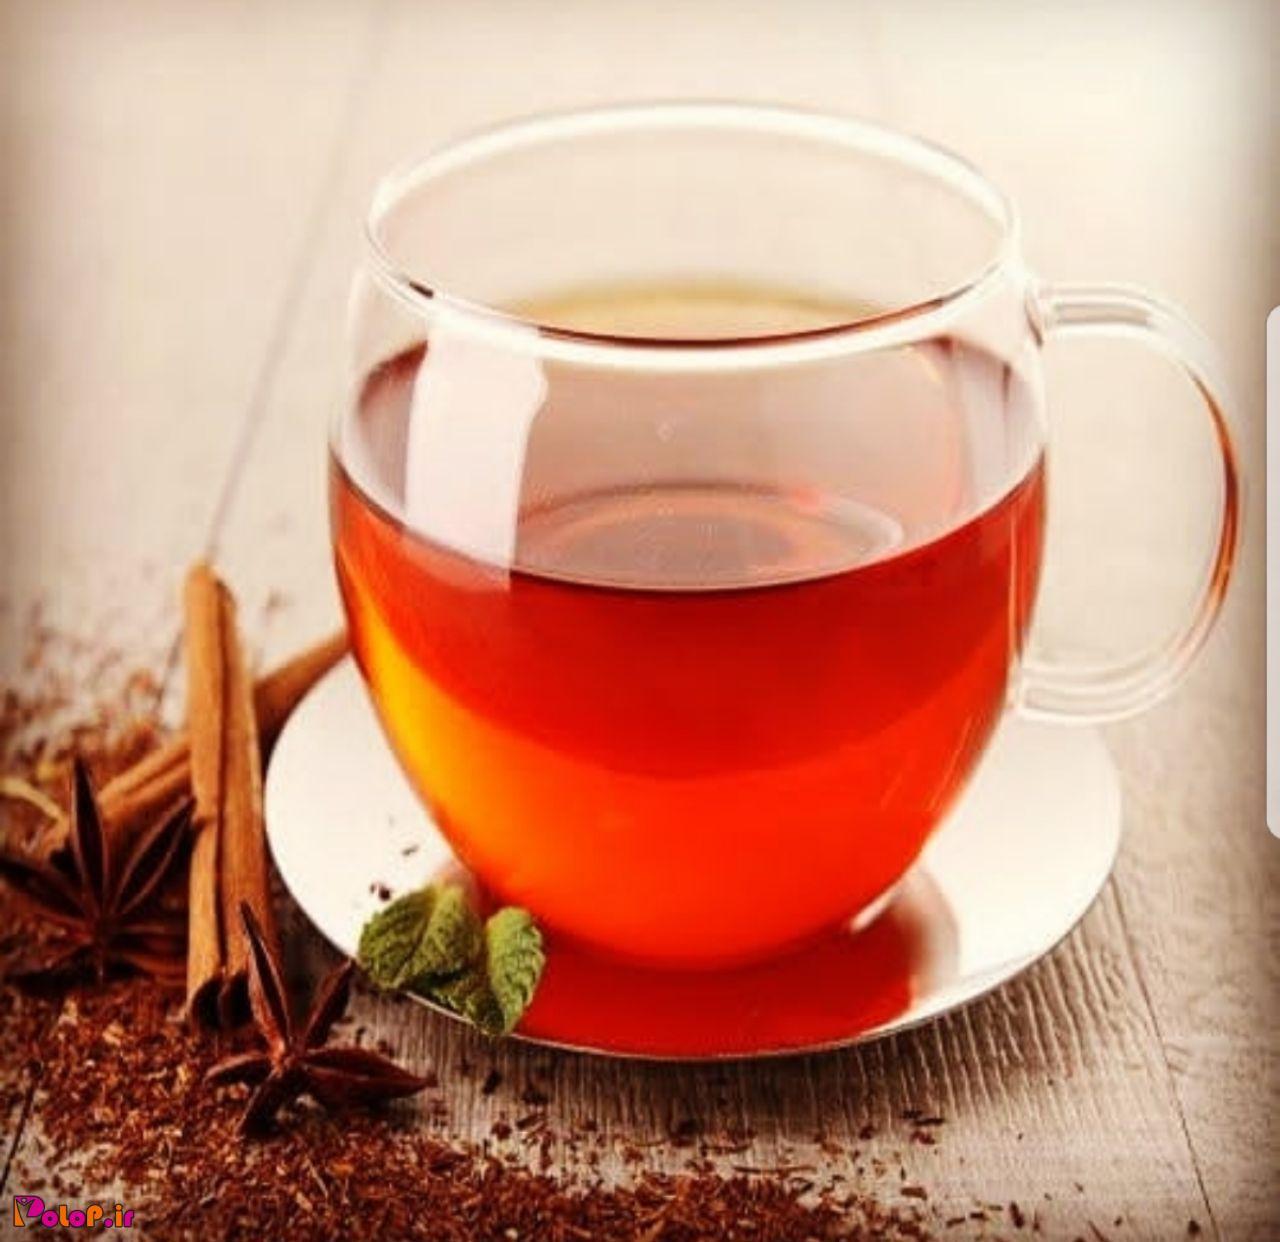 چای دارچین از آلزایمر پیشگیری میکند؛